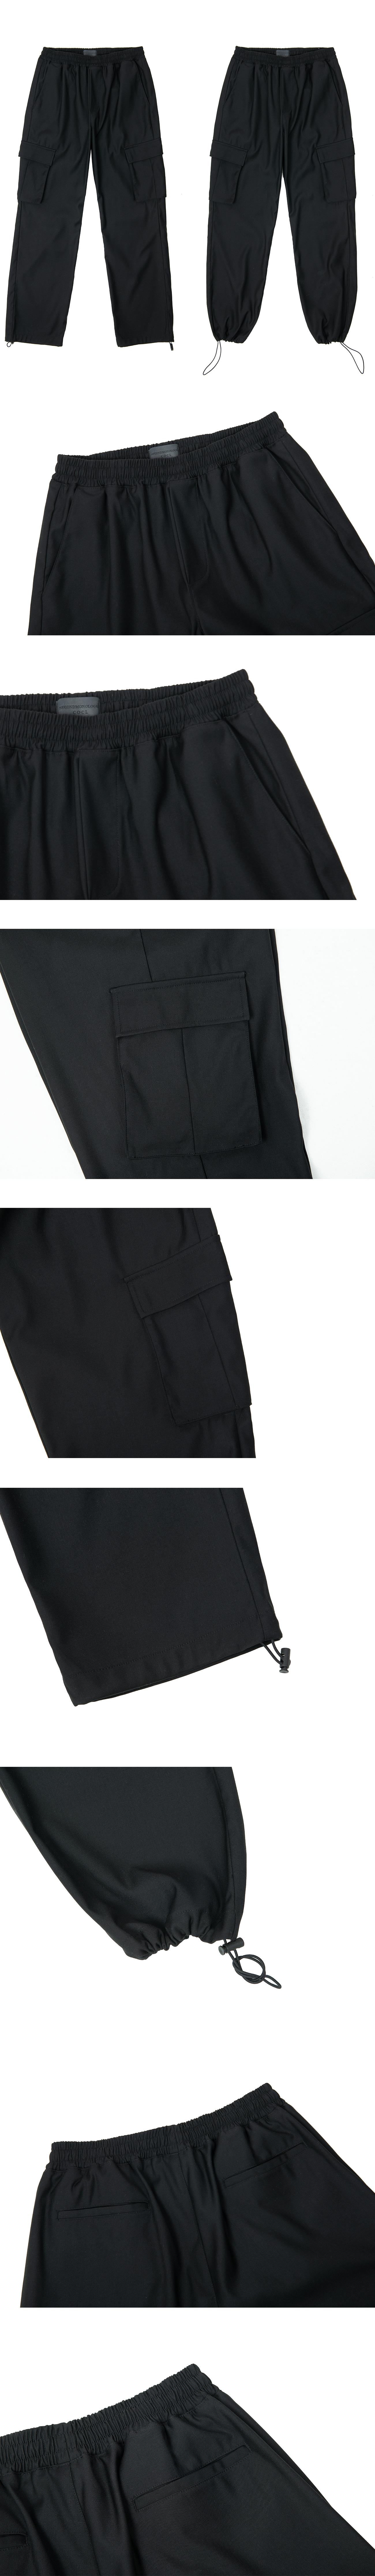 커스텀어클락(COSTUME O'CLOCK) 에센셜 카고포켓 와이드 2에이치 라인 팬츠 블랙